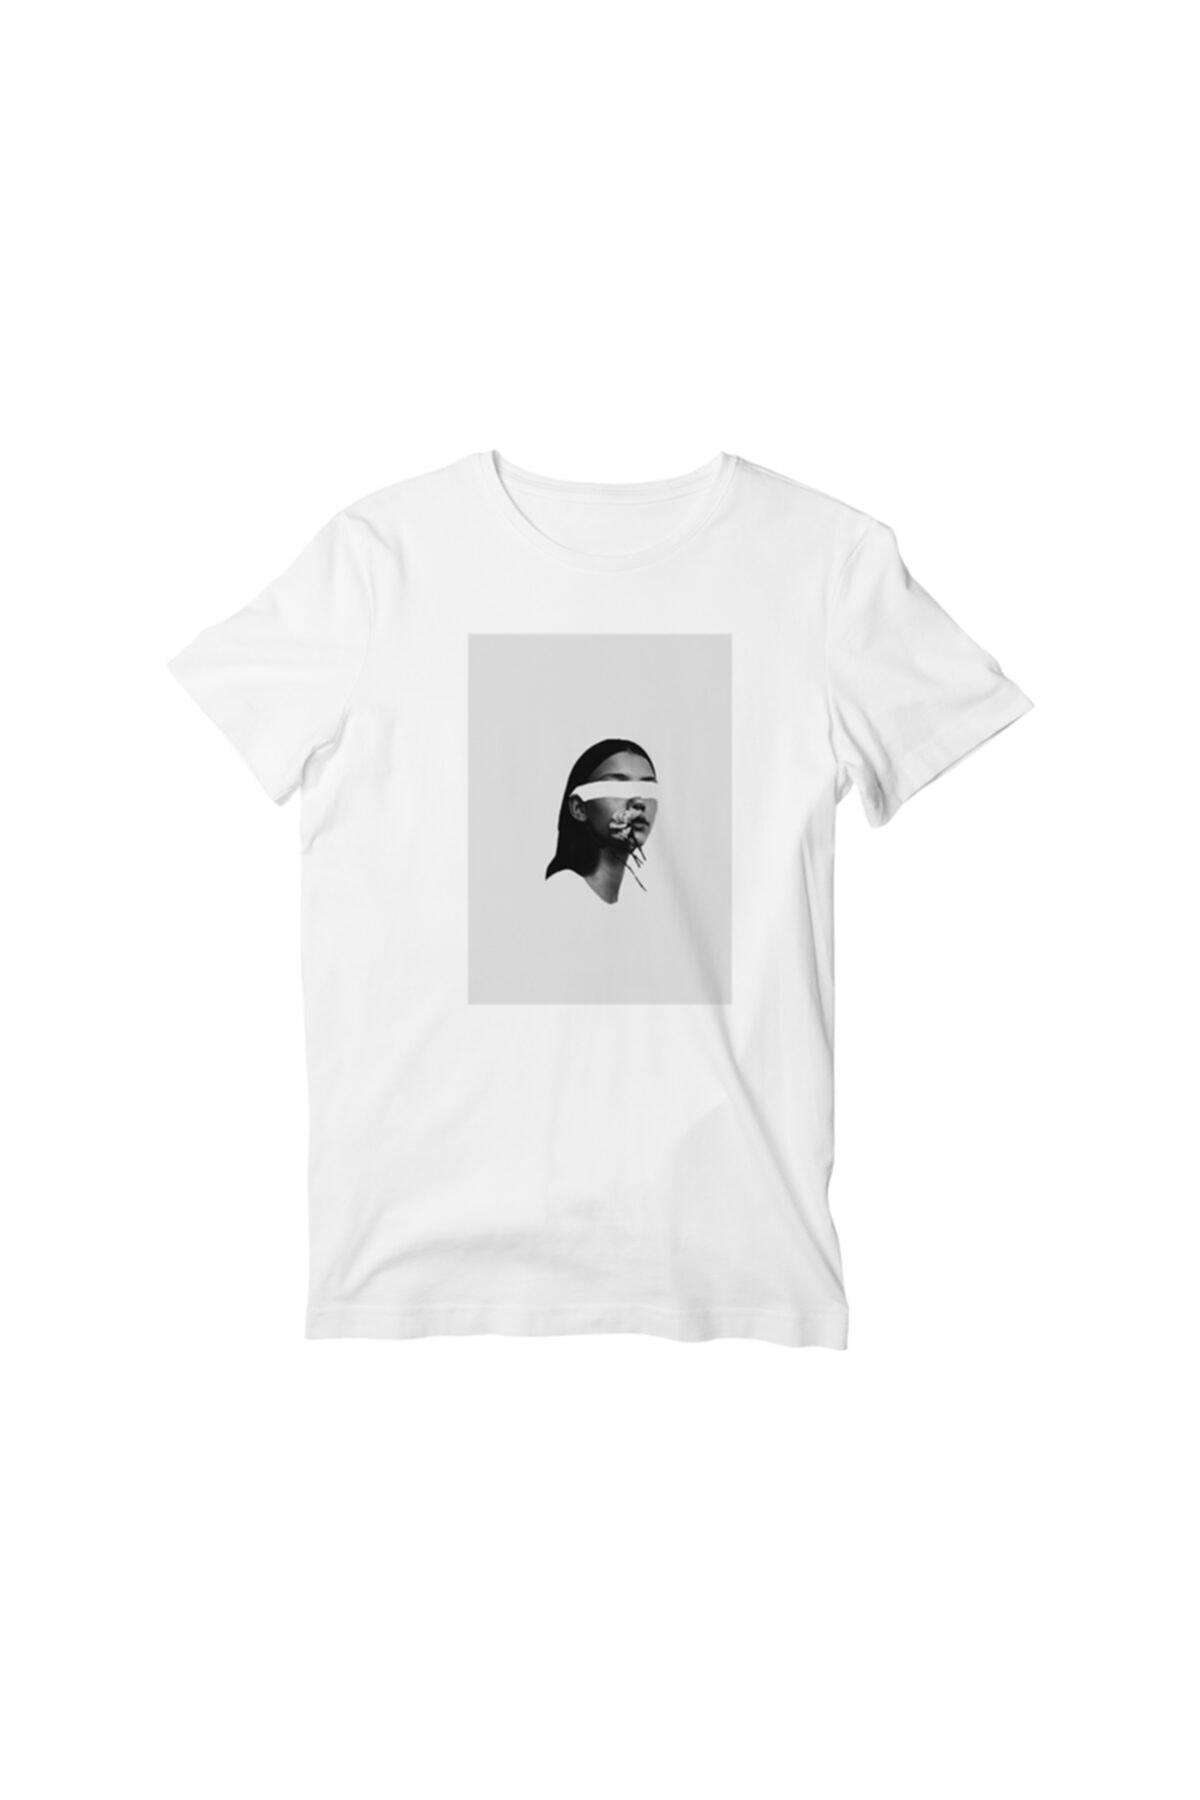 تیشرت زنانه ساده برند Woldorf Store کد ty50315632